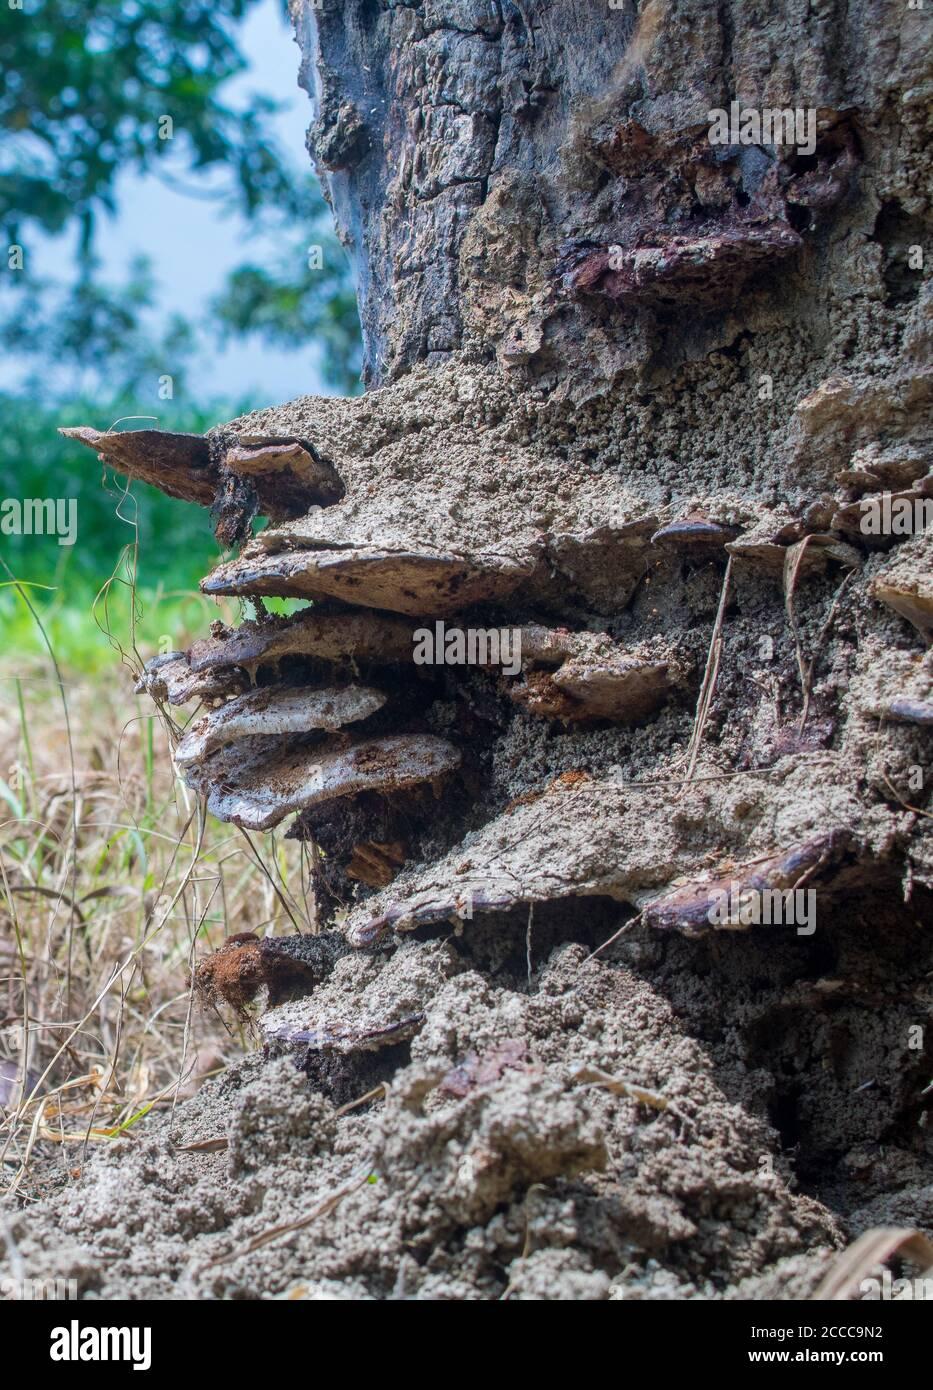 Une vieille souche d'arbre recouverte de mousse et de champignon. Vu que la lumière du soleil brille à travers les feuilles de la forêt épaisse. Banque D'Images